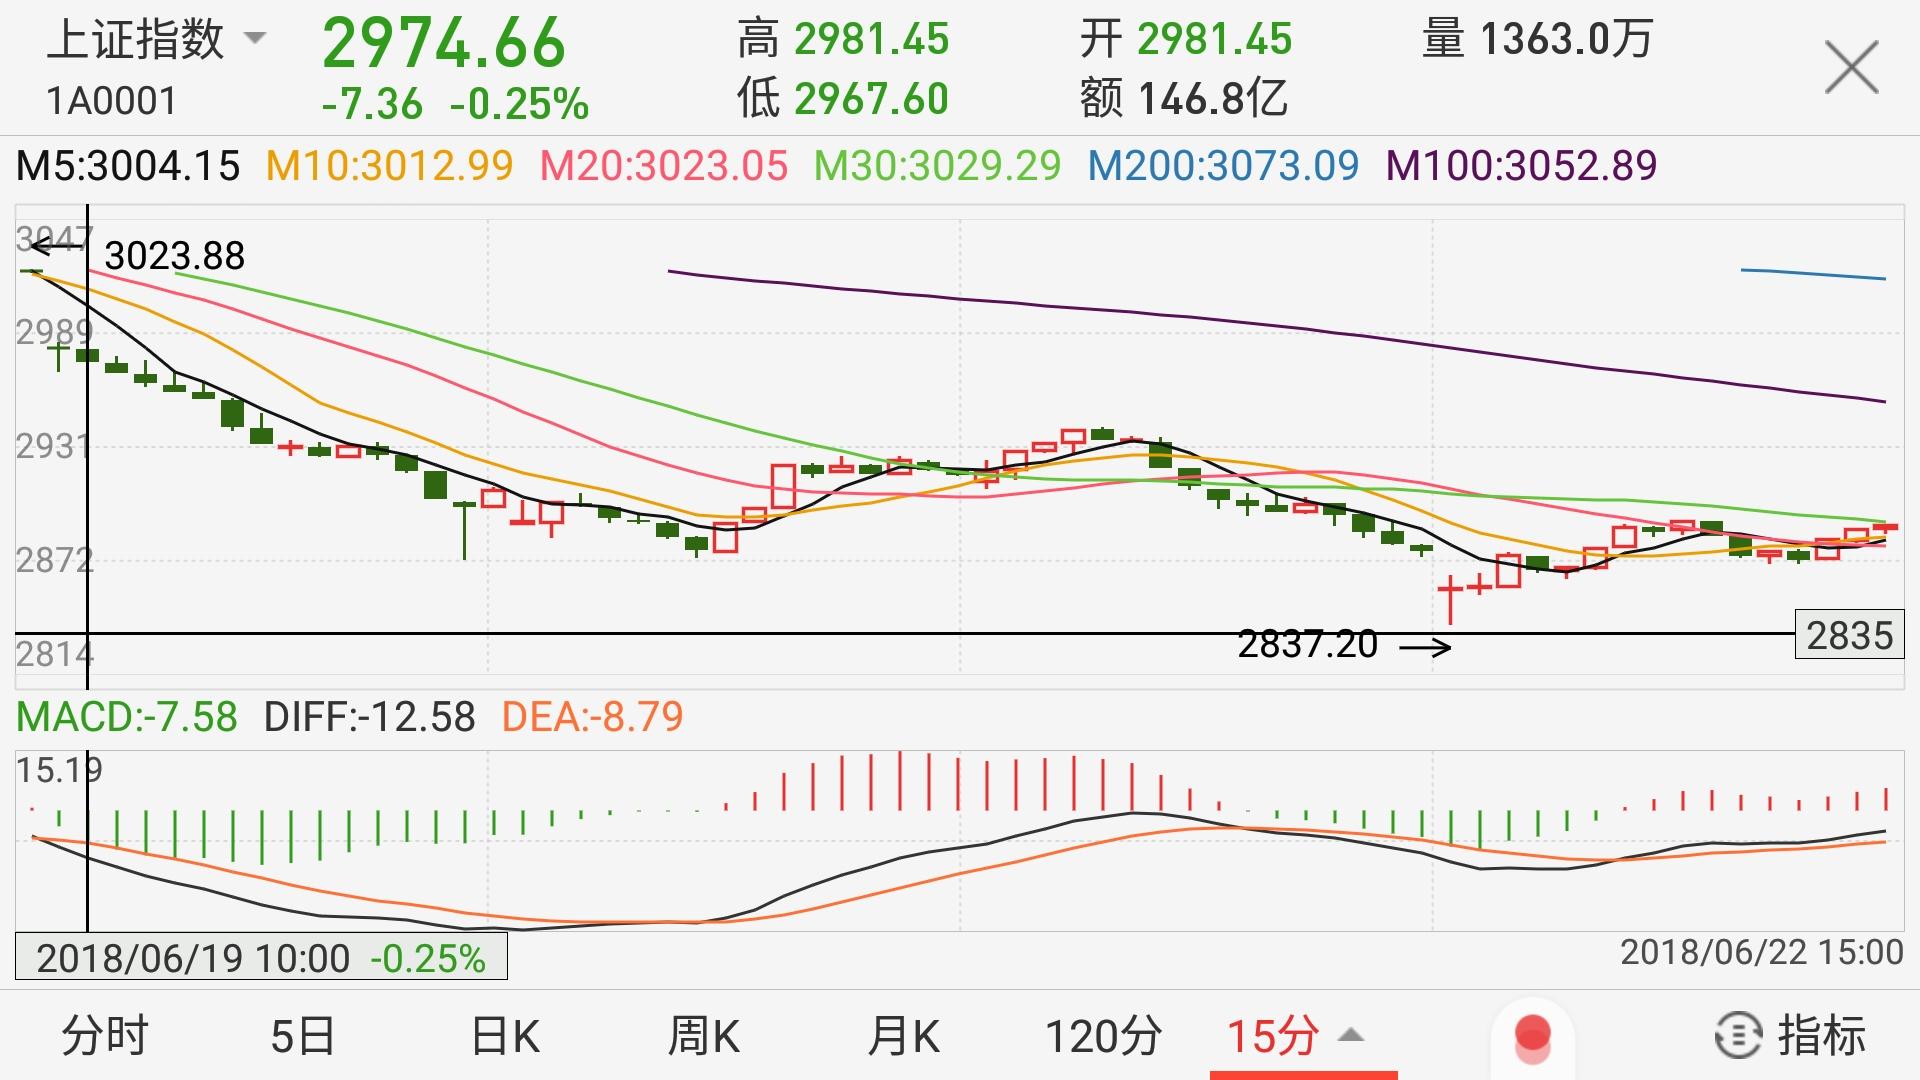 股市周报:川普发难 全球股市哀鸿遍野 新股涨停板堪忧